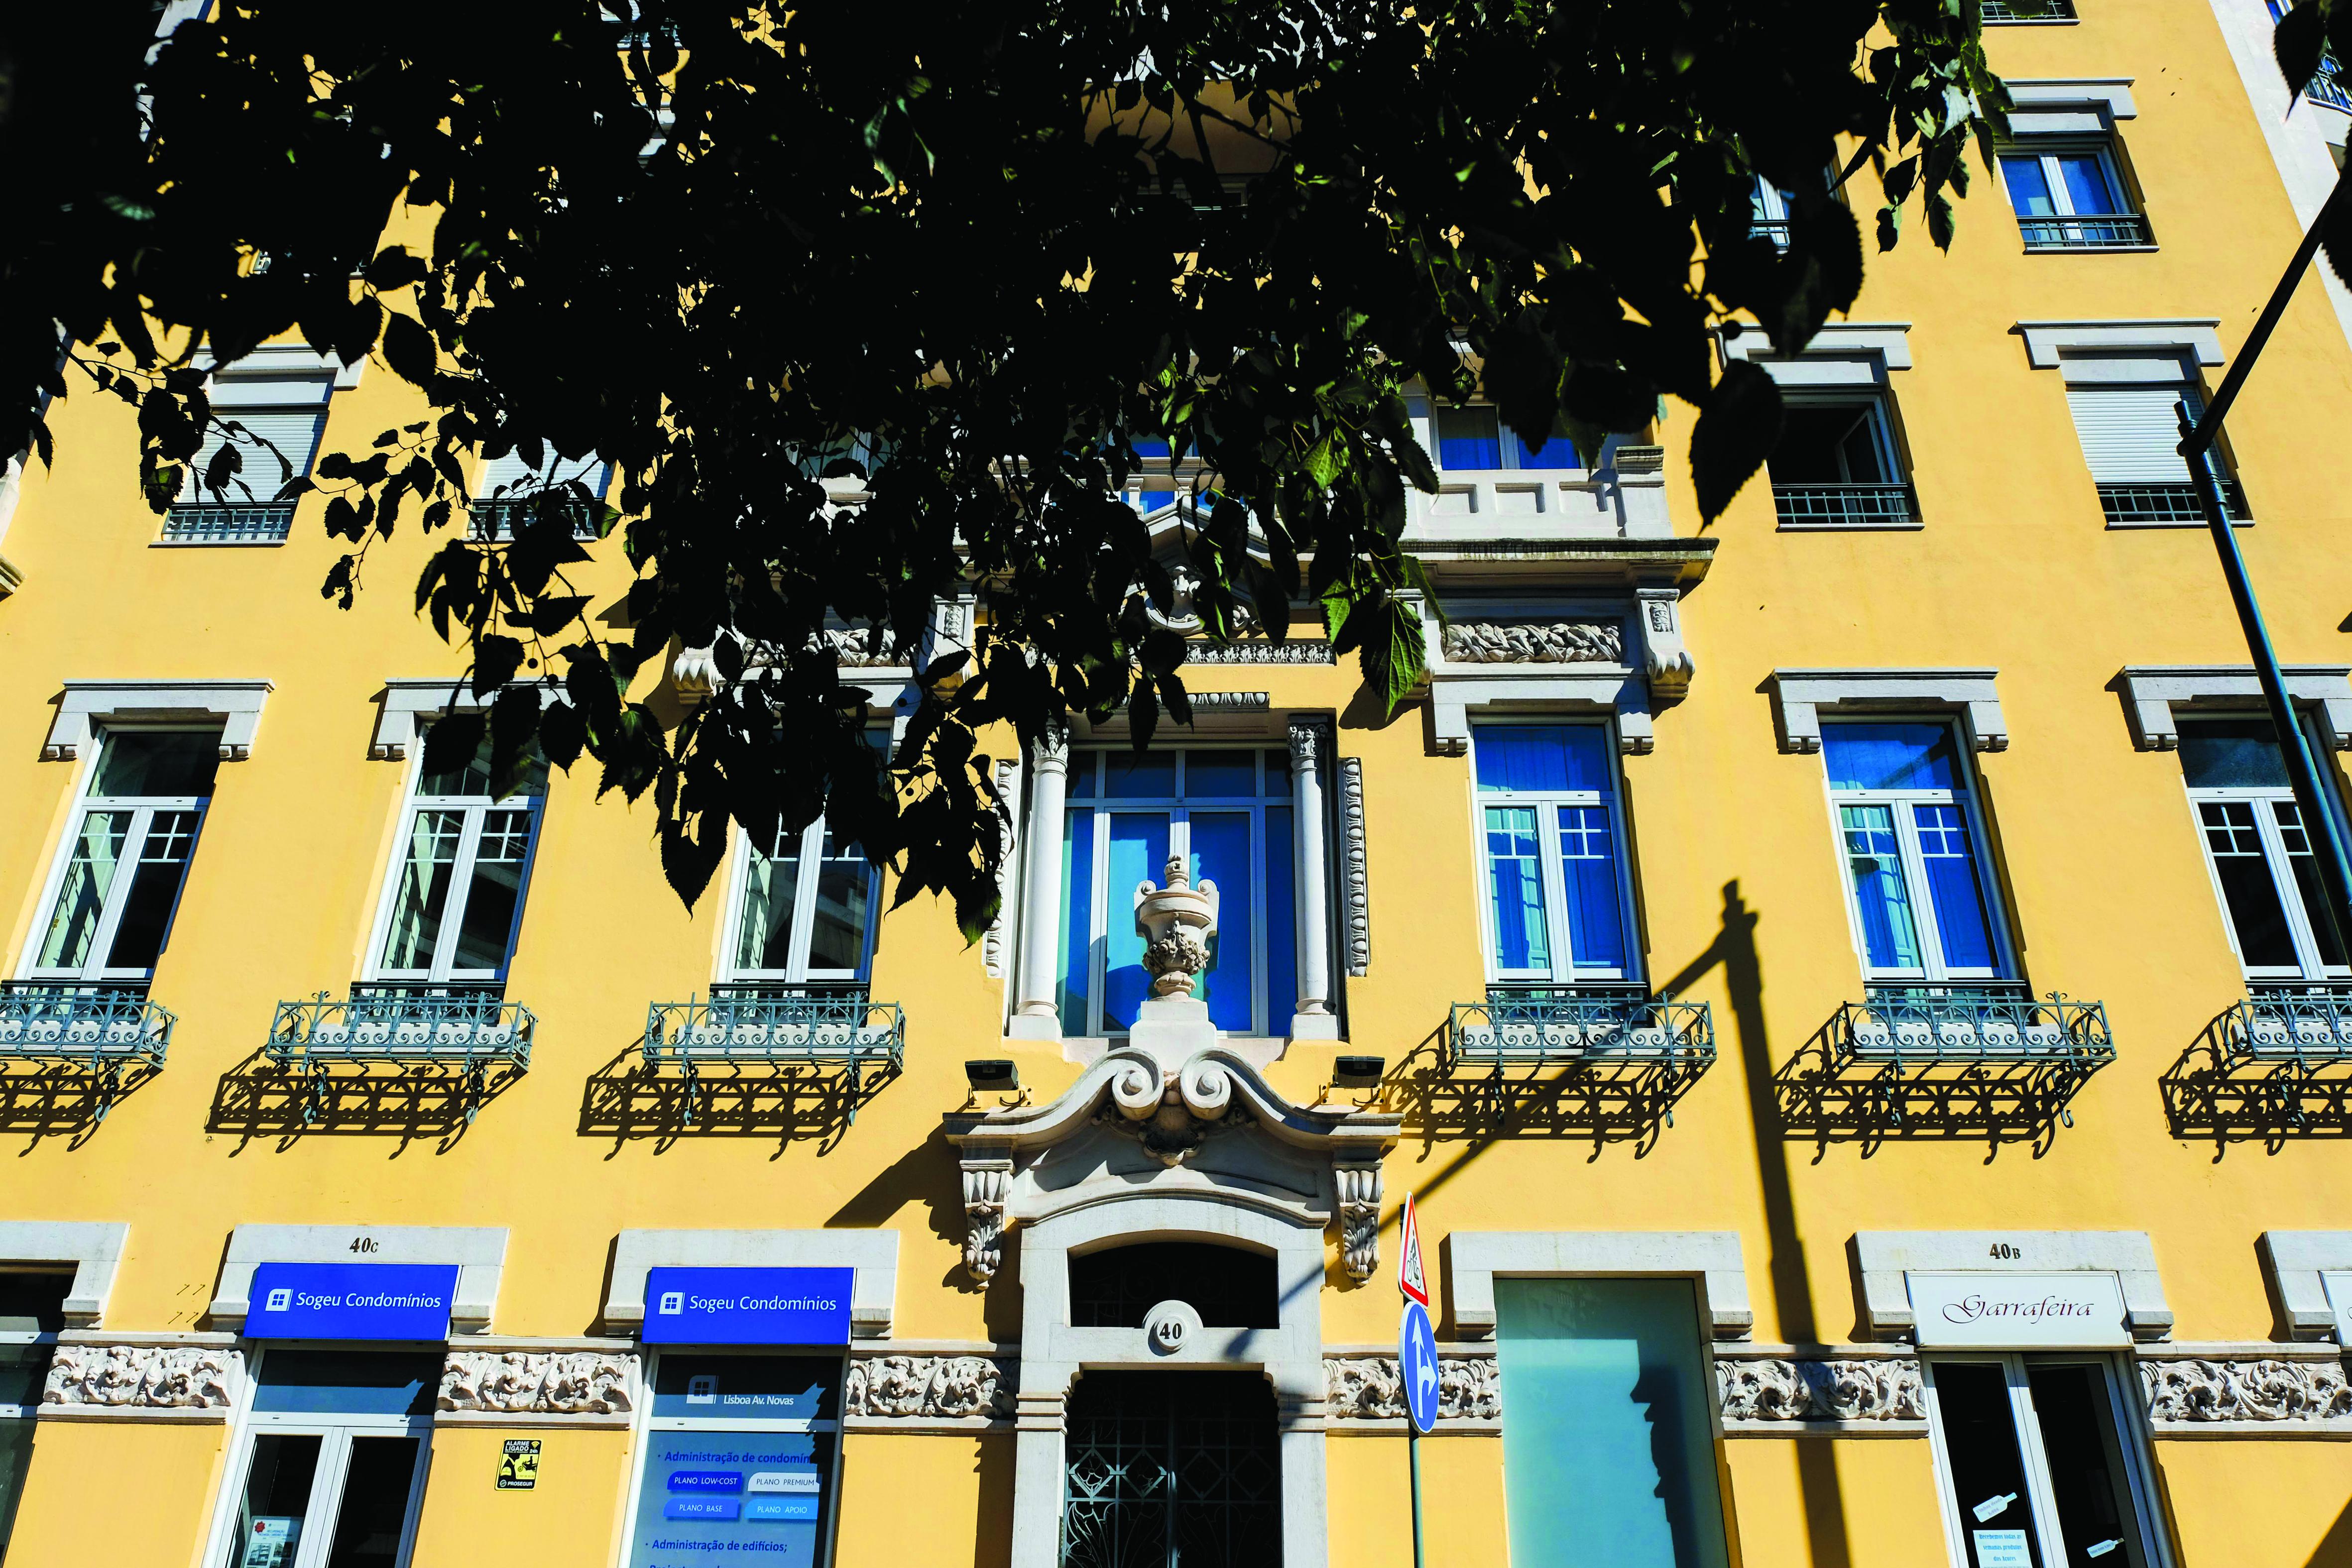 Medina não declarou ao Constitucional um duplex de 645 mil euros